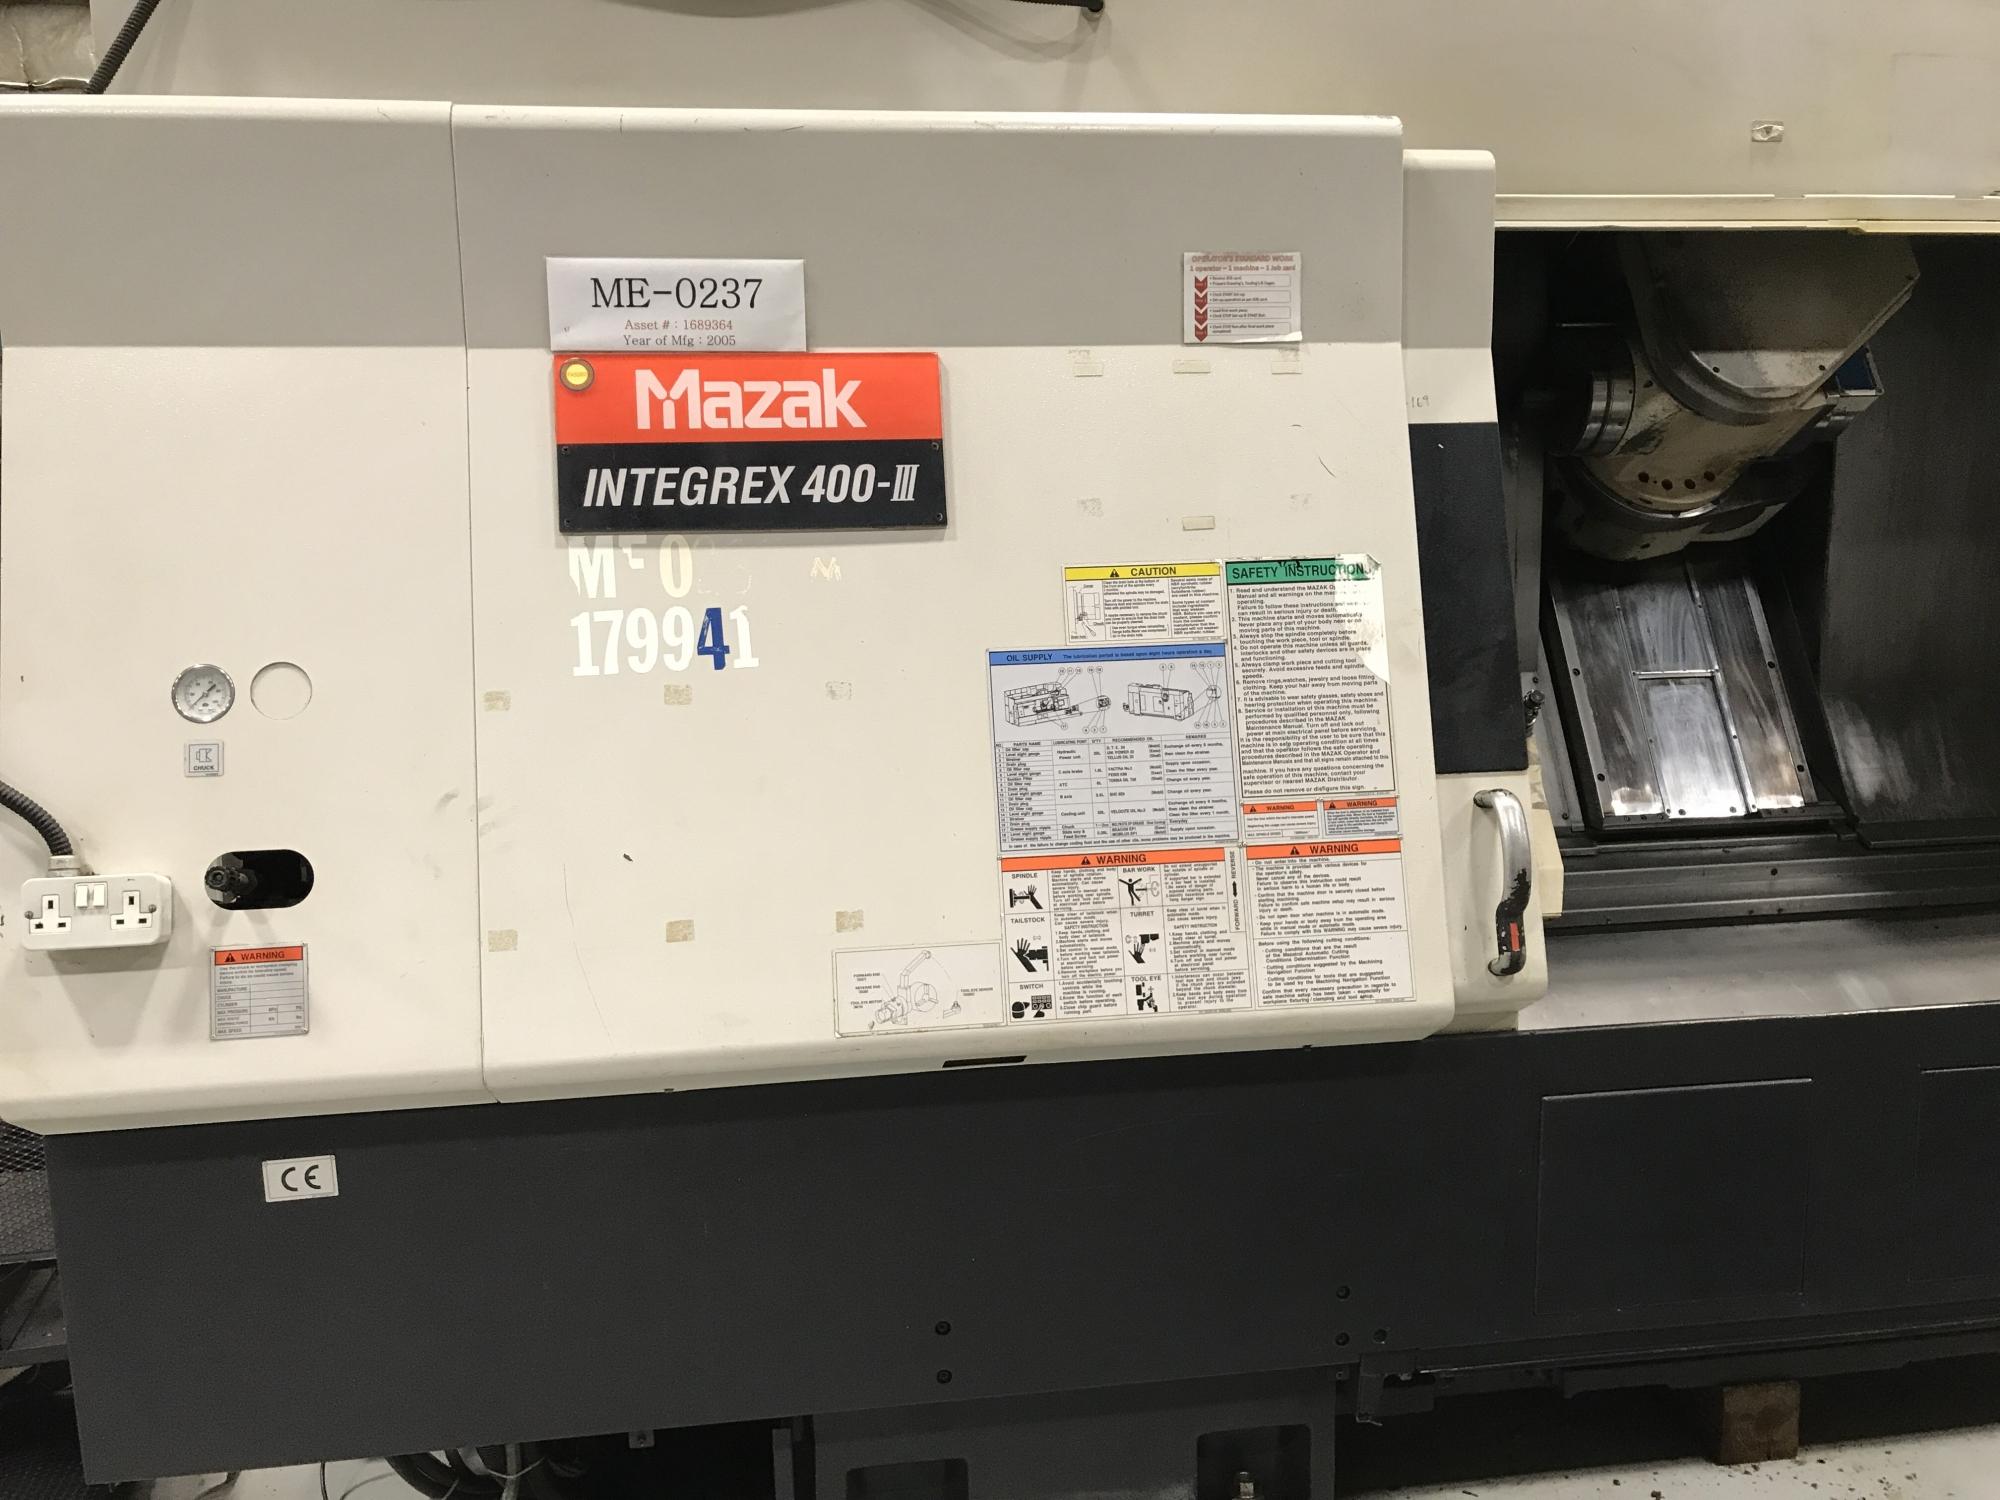 2005 MAZAK Integrex 400-III